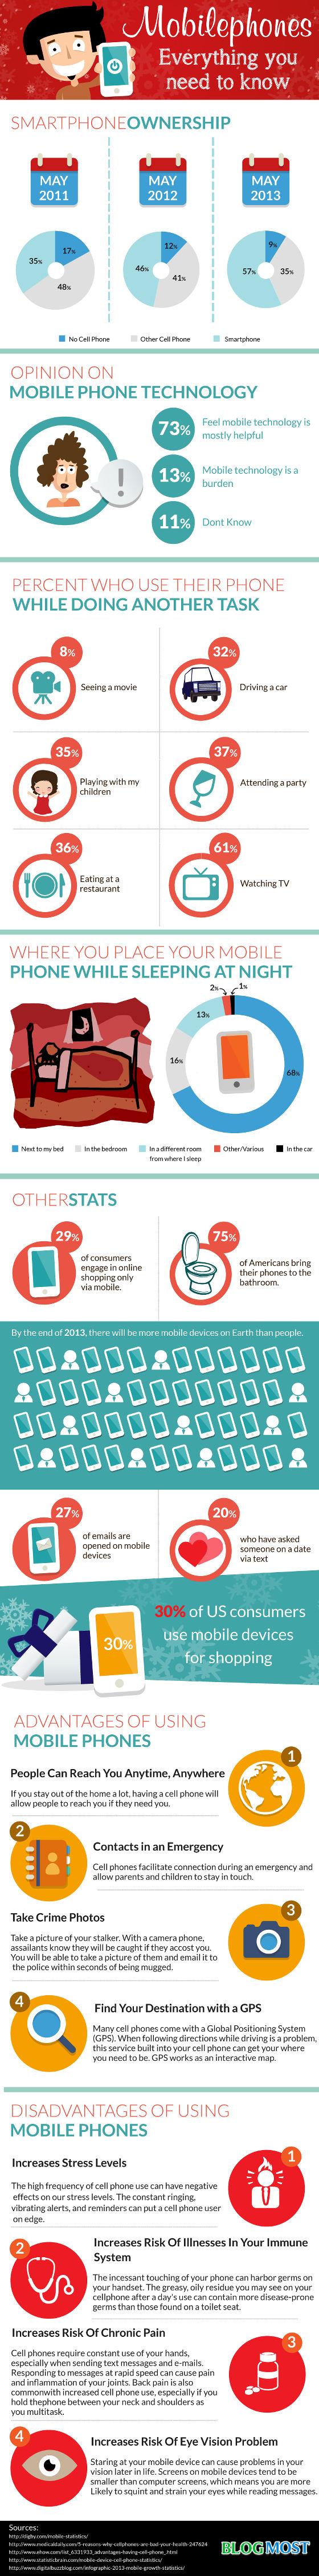 Mobile-Phone-Infographic-1-Medium